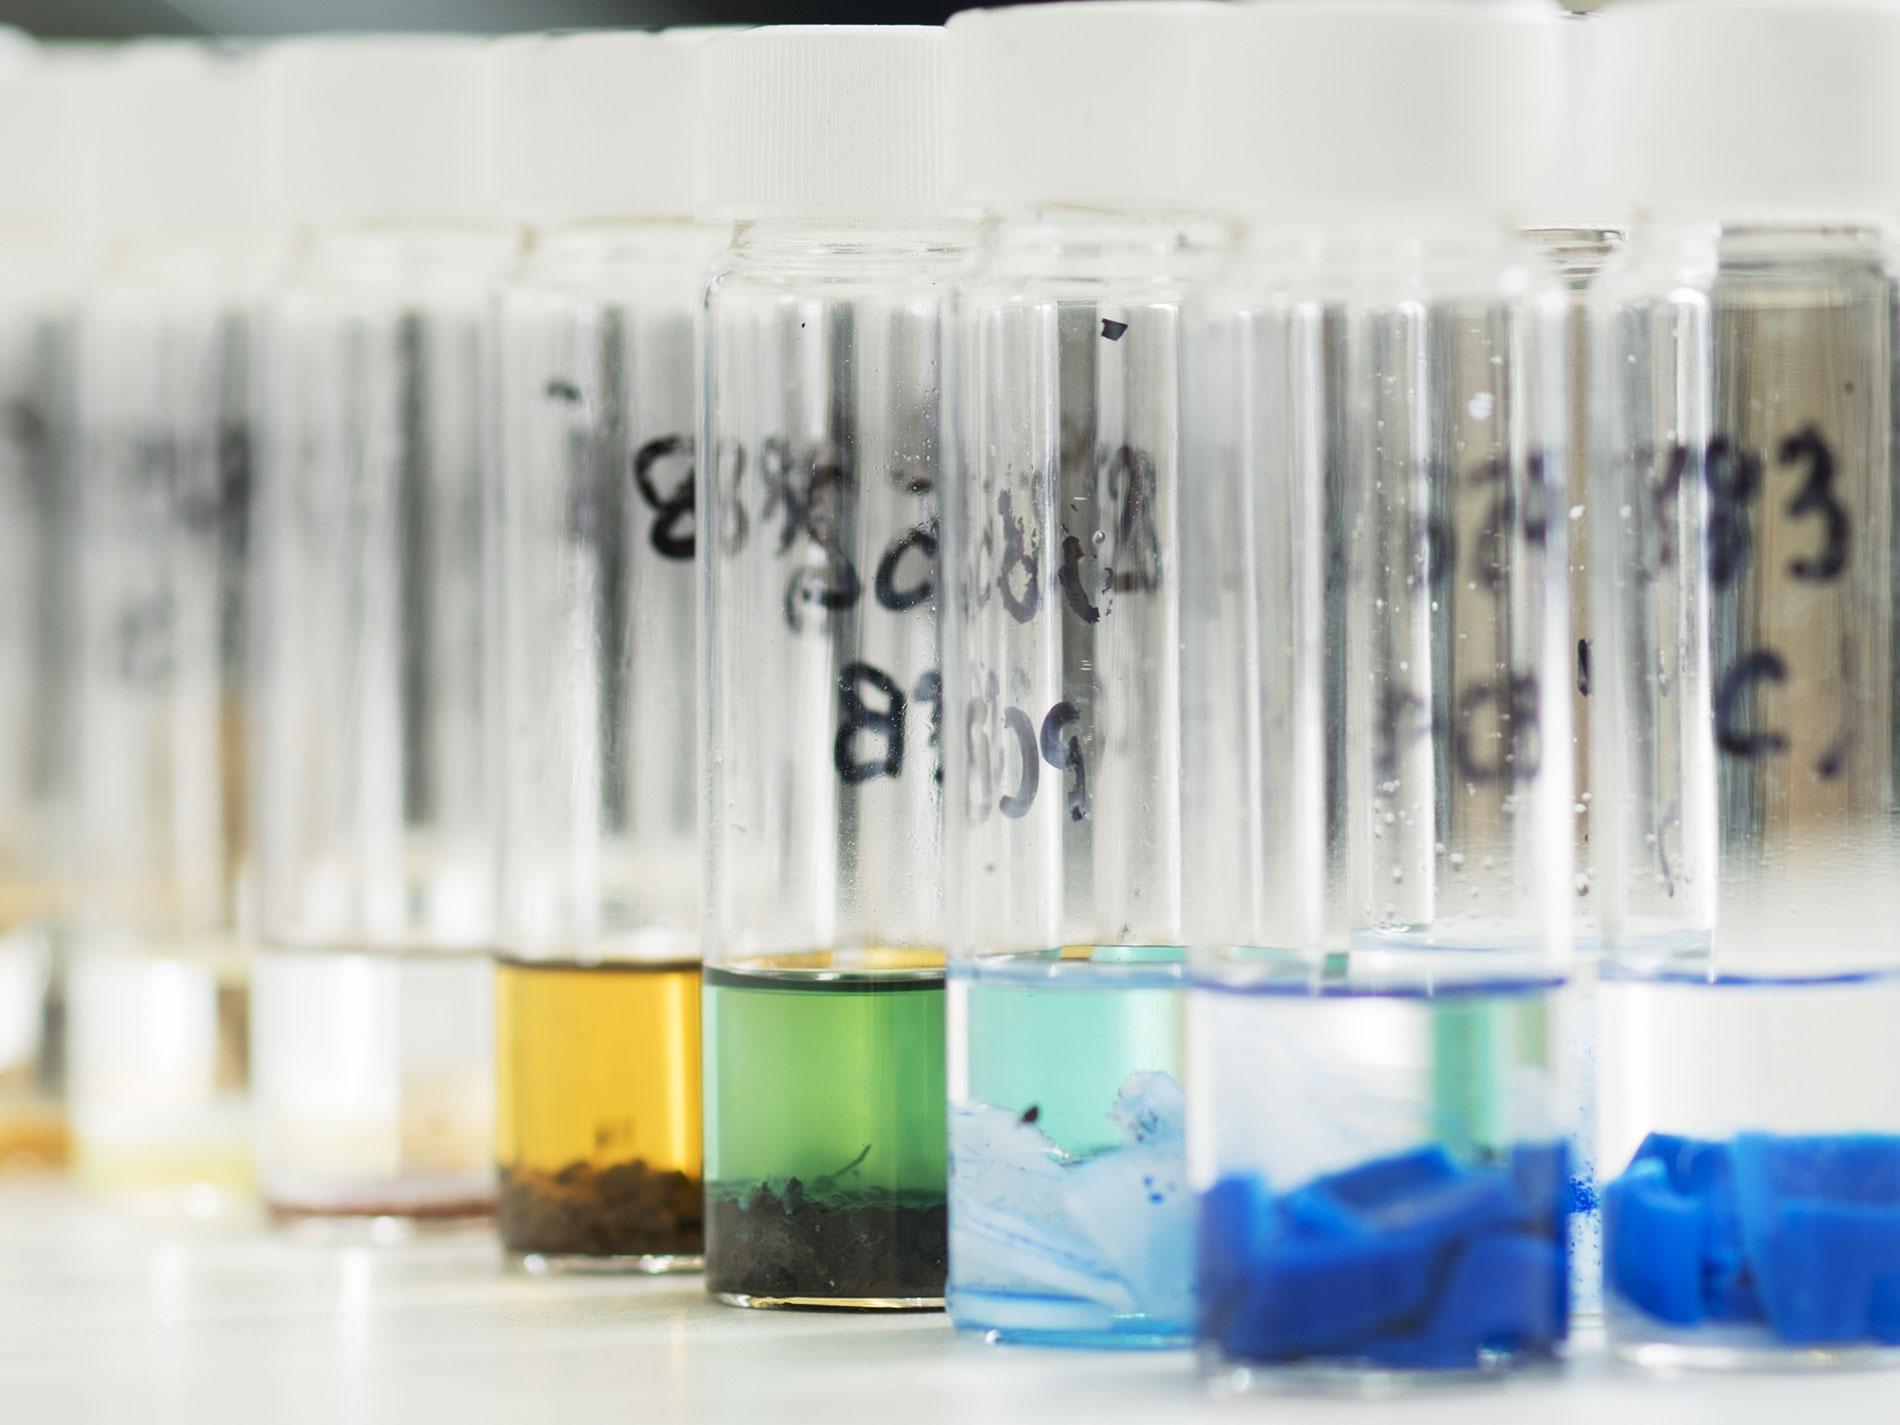 analisi campioni rifiuti ravenna